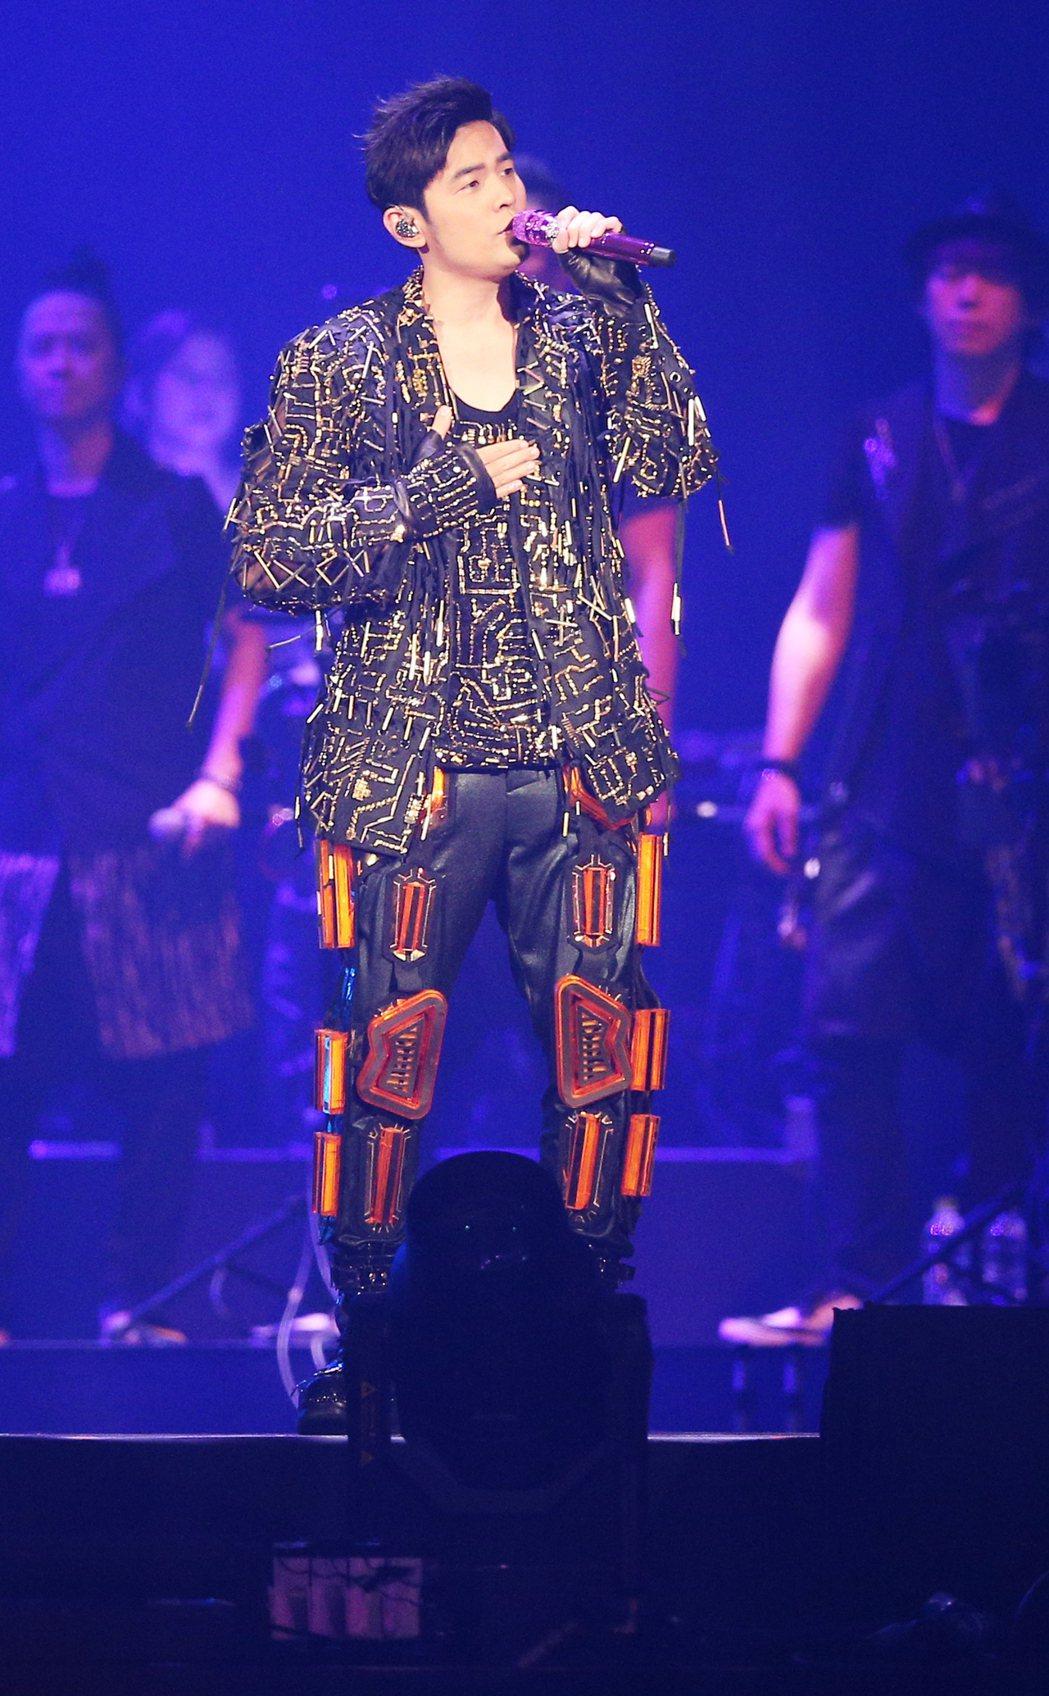 周杰倫28日起一連4天在台北小巨蛋開唱。記者陳正興/攝影